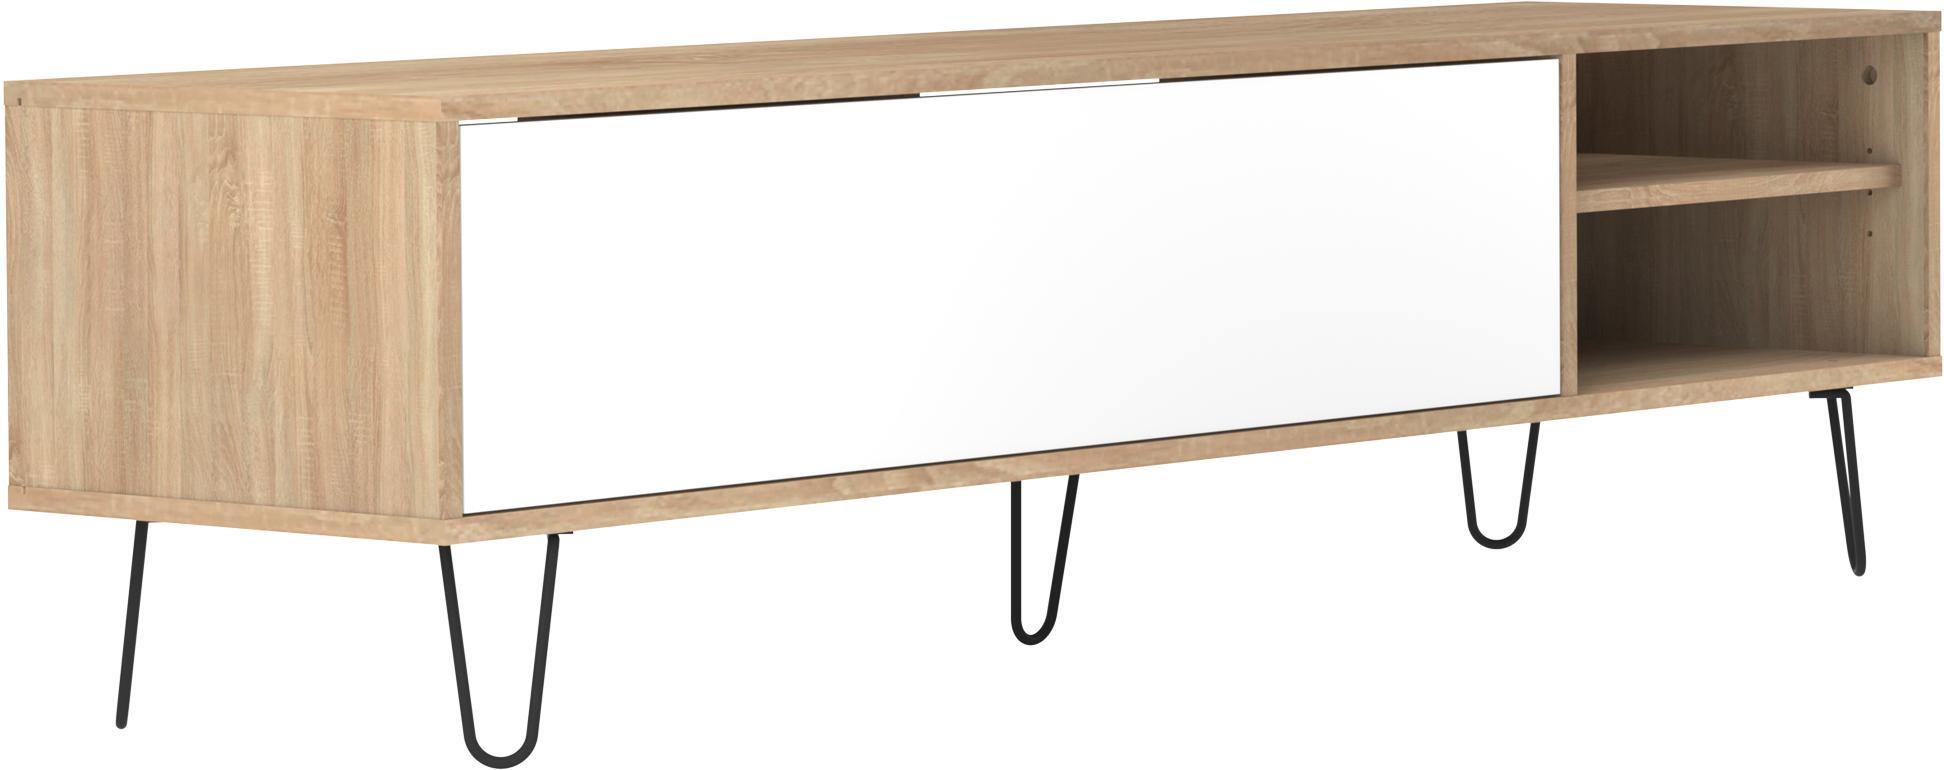 Mueble TV de diseño Aero, Estructura: aglomerado, recubierto de, Patas: metal pintado, Roble, blanco, An 165 x Al 44 cm